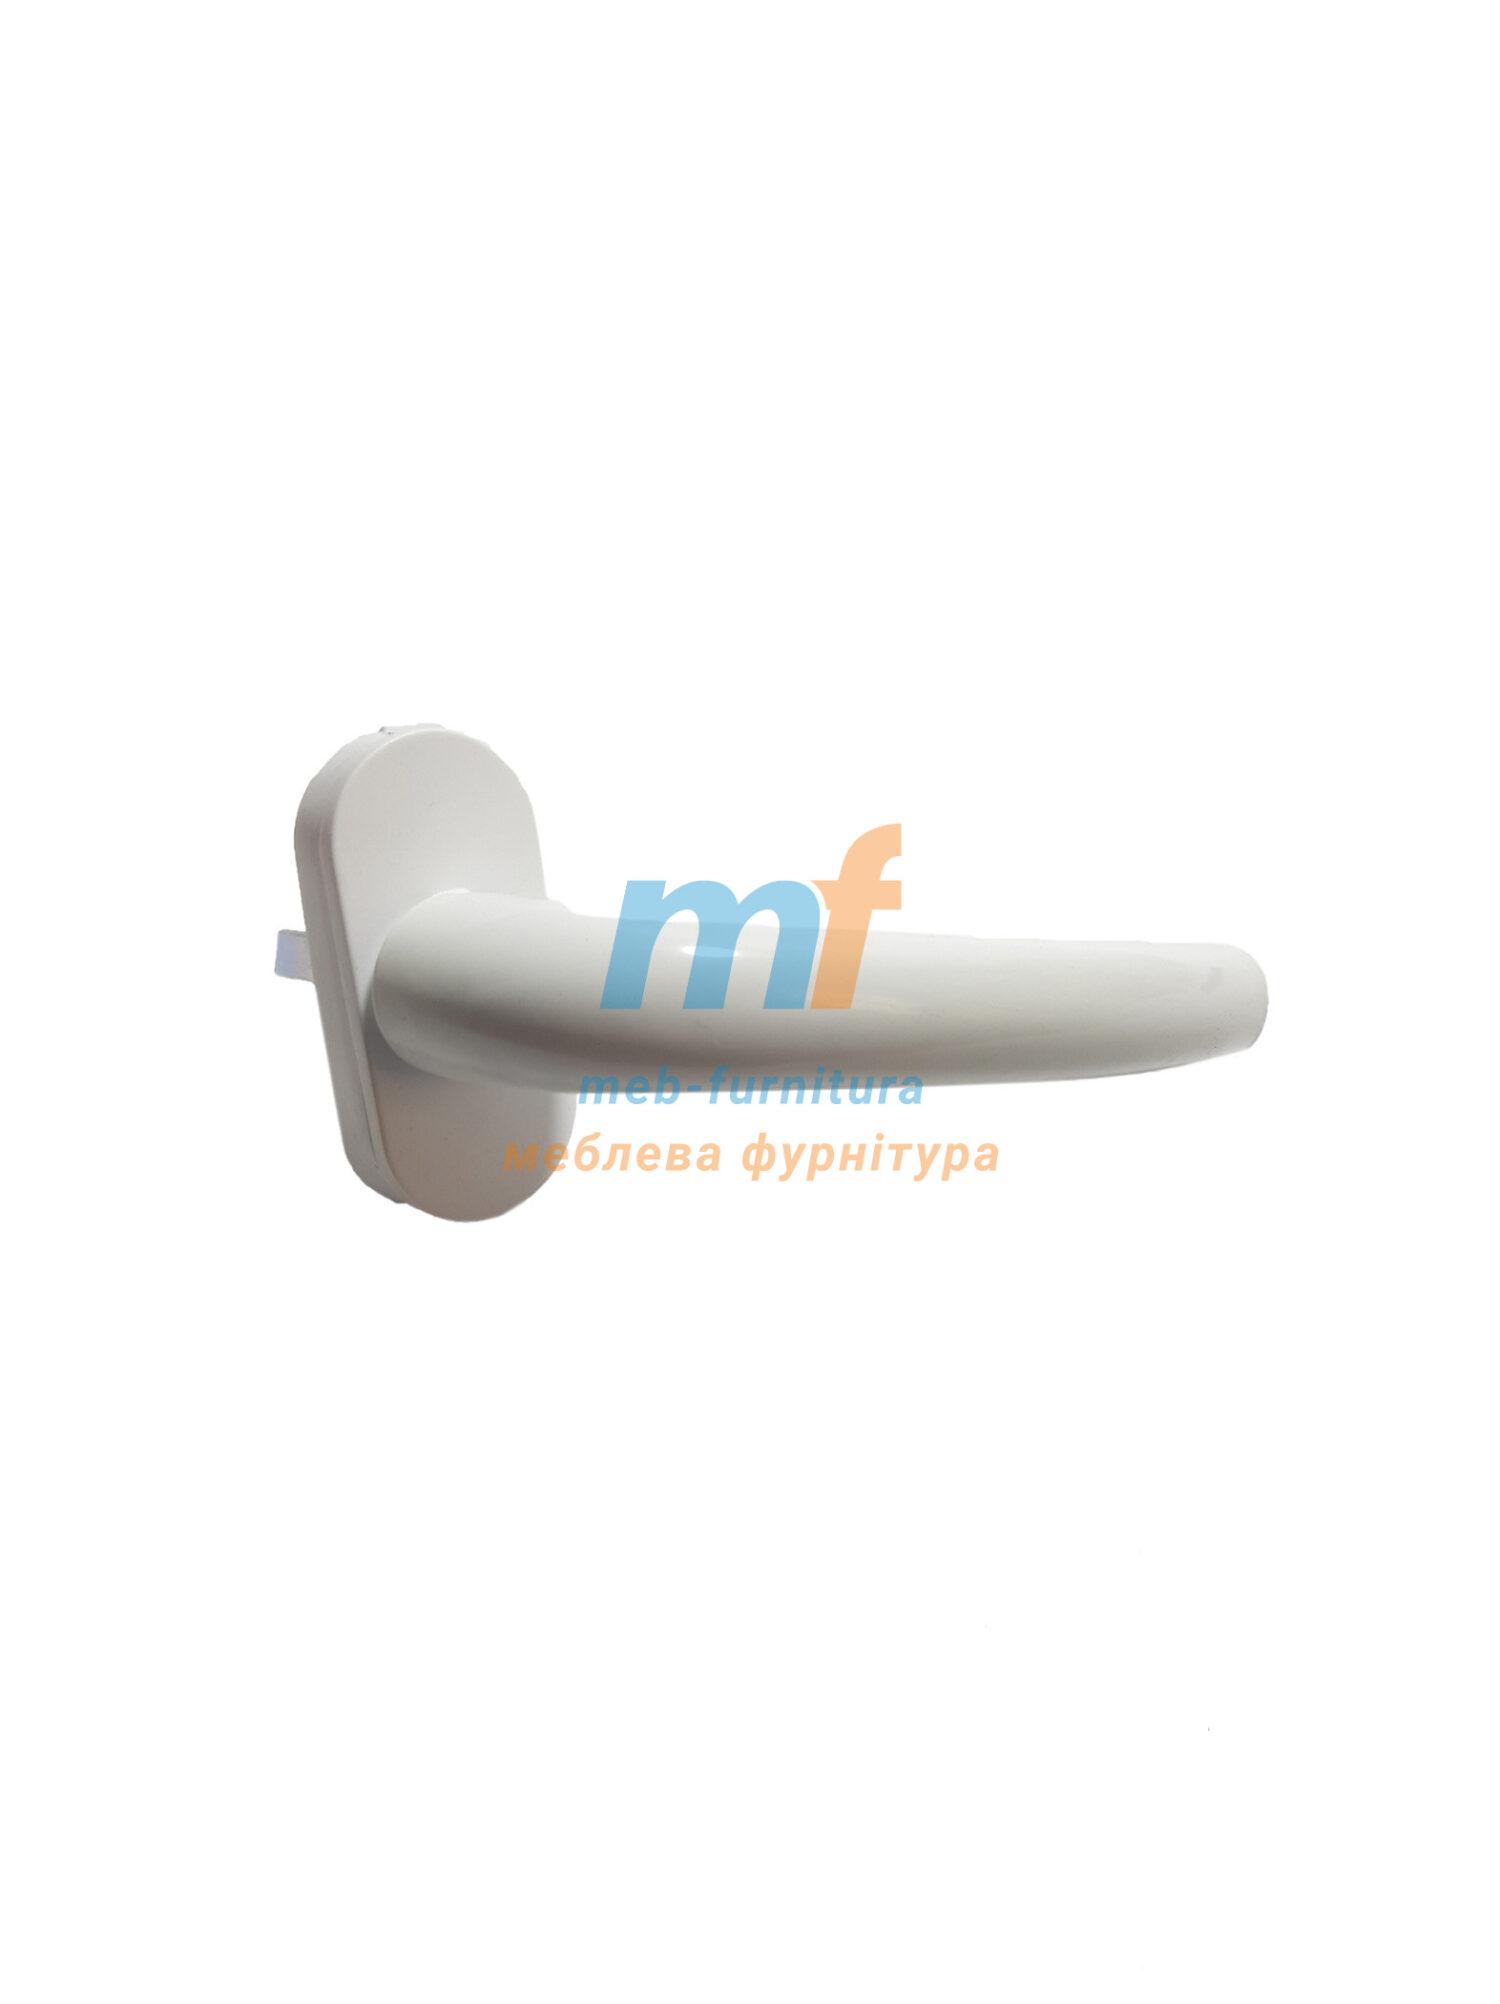 Ручка оконная металлическая для металлопластикового окна или двери белая